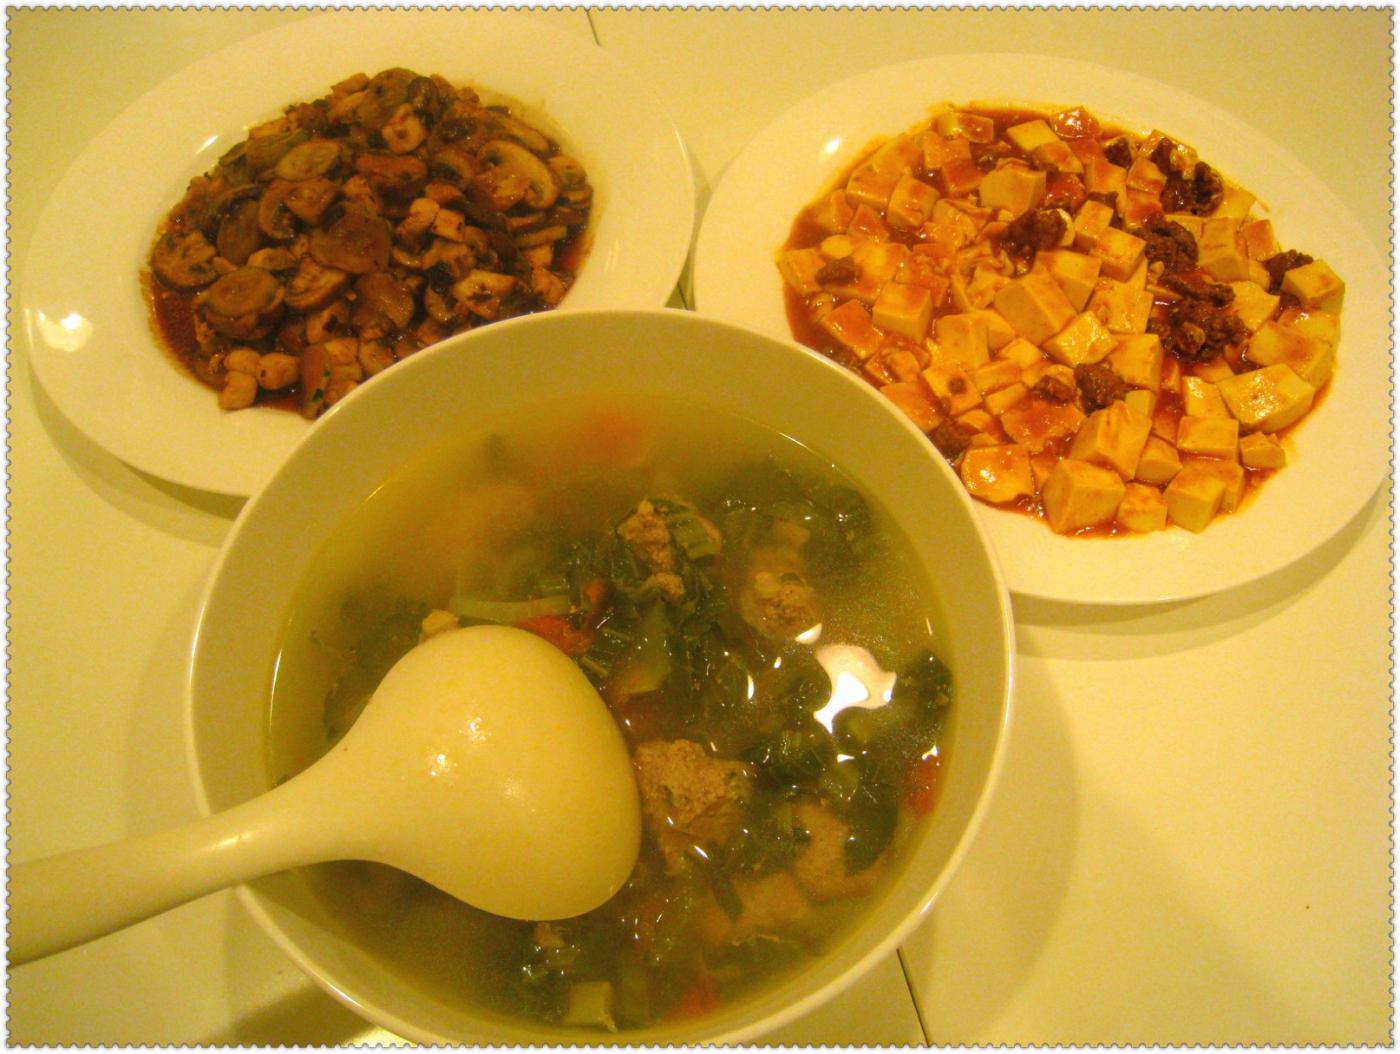 今晚吃什么?--蔬菜肉丸子汤,蔬菜炒鸡丁,傻瓜麻婆豆腐 ... ... ... ..._图1-1